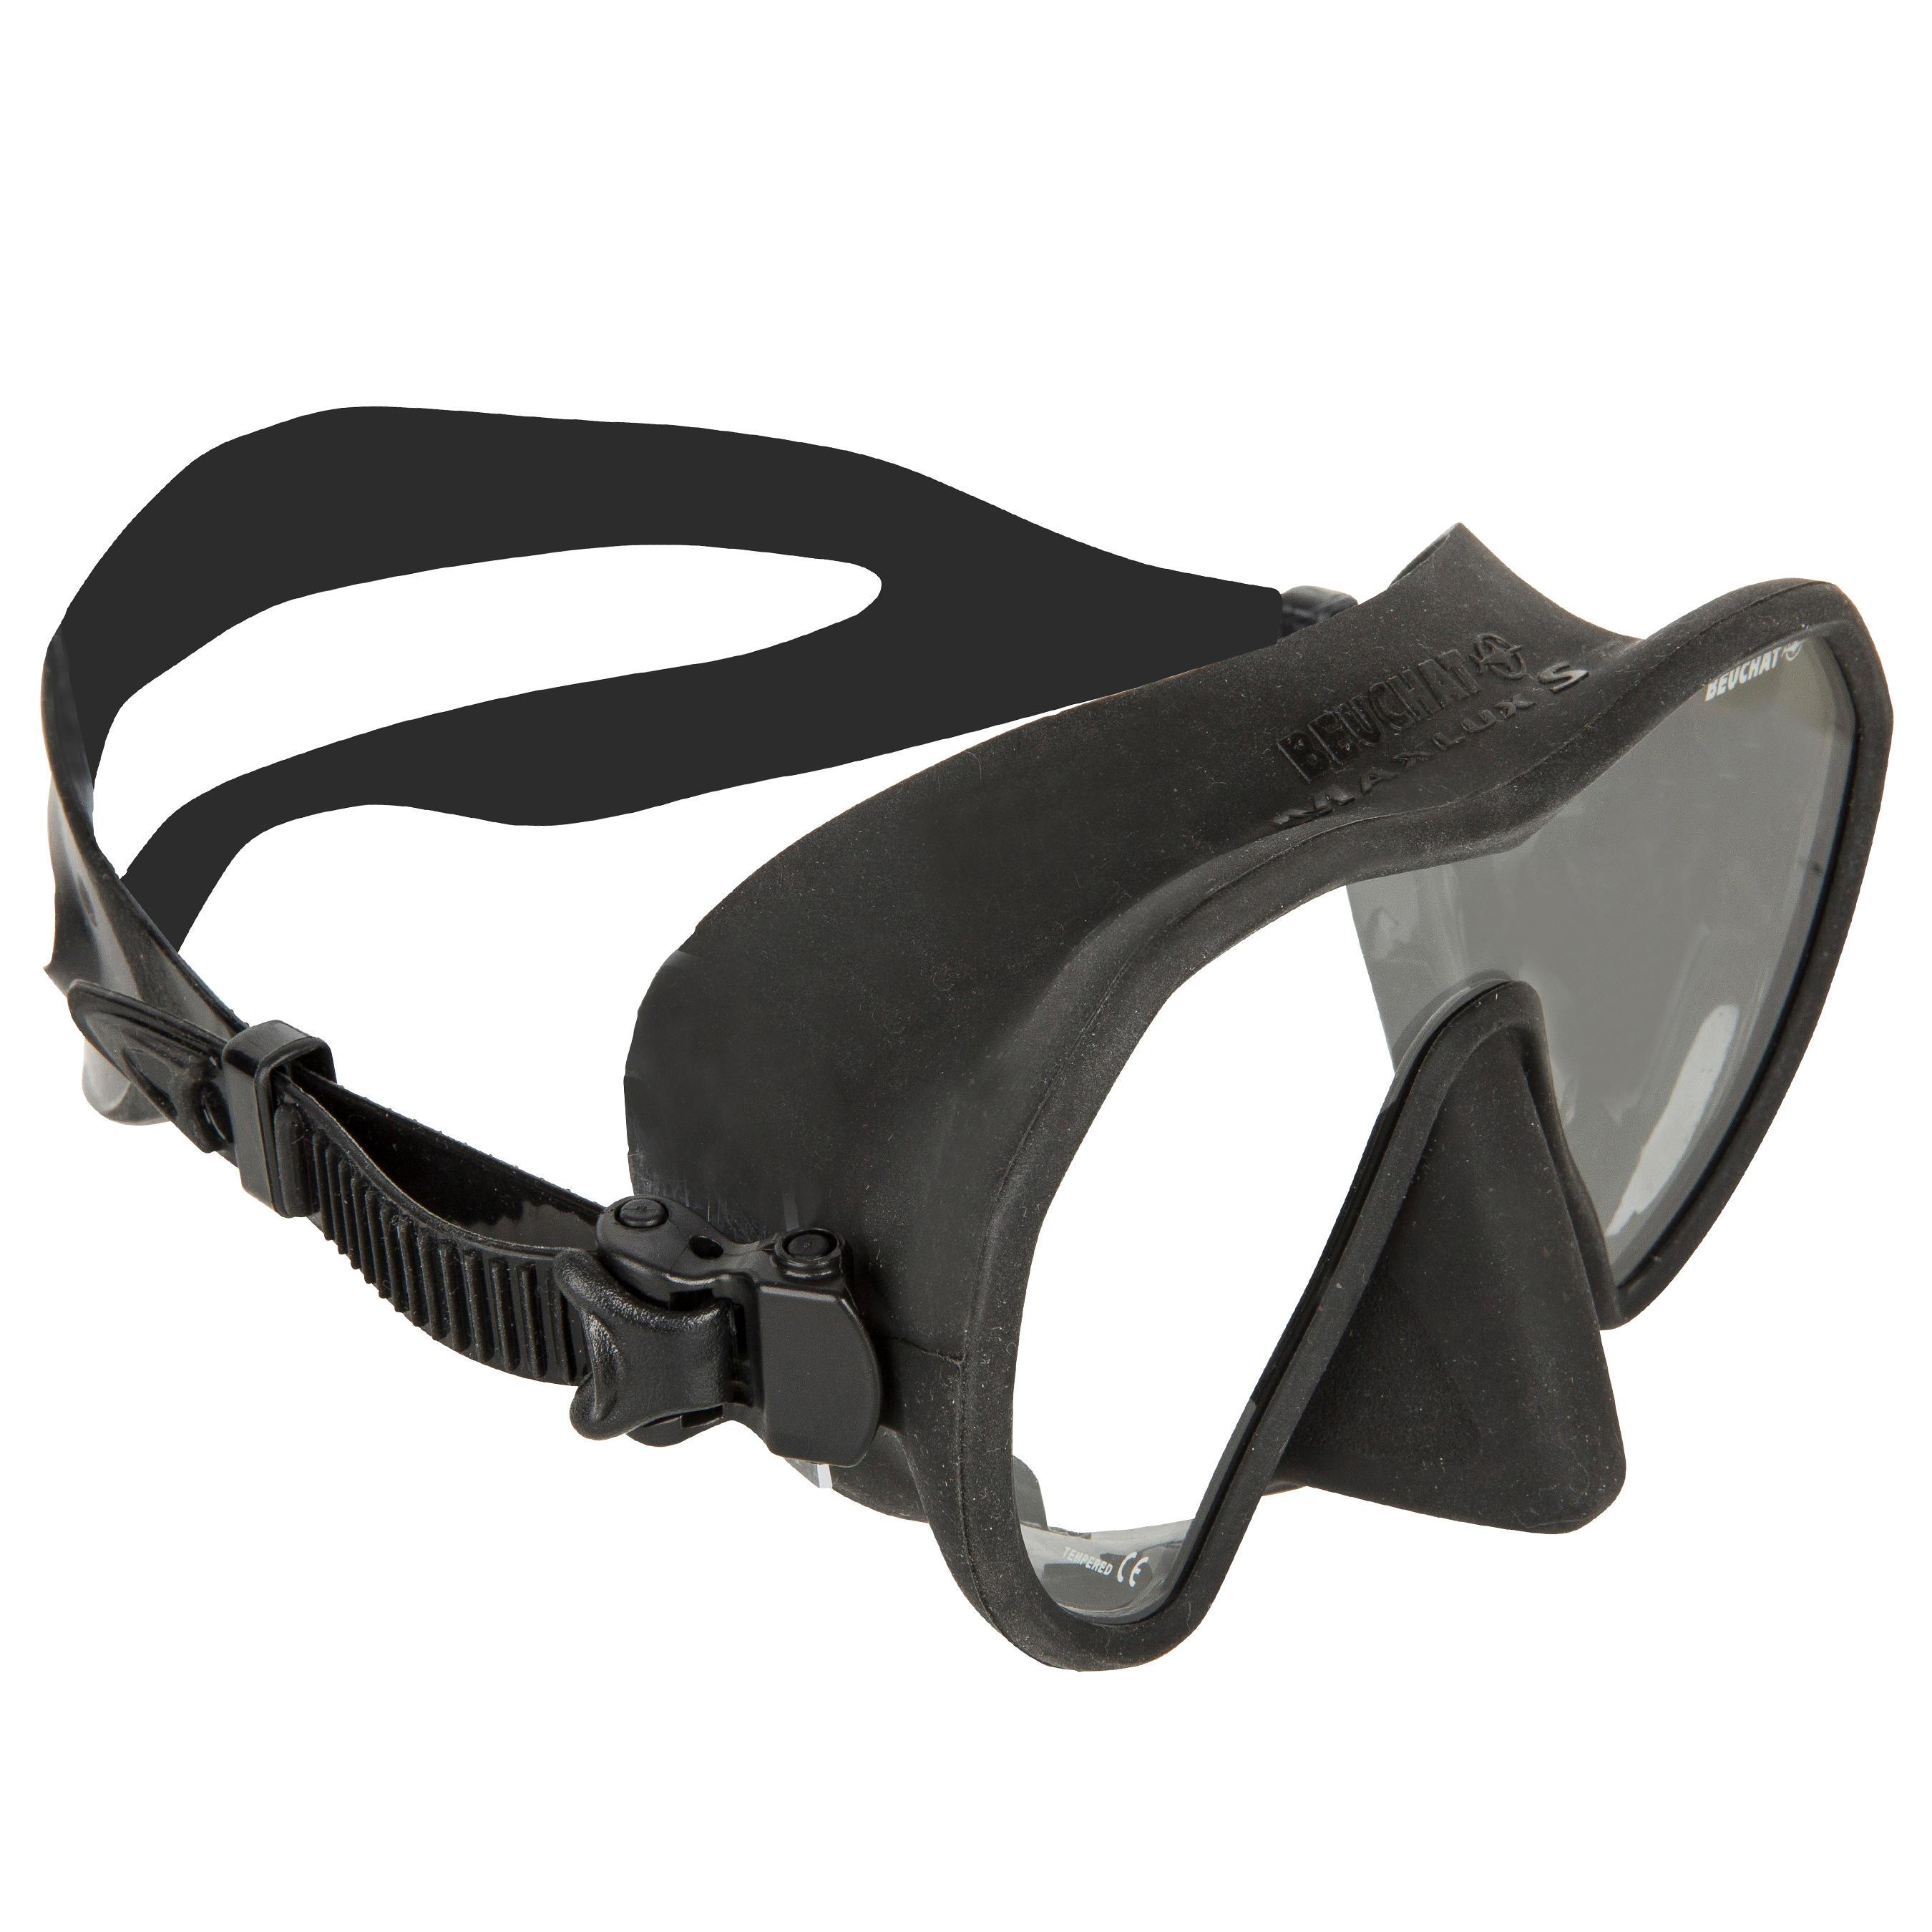 Beuchat Duikbril Maxilux S zwart voor freediving kopen? Leest dit eerst: Duikmasker en snorkel Duikmasker met korting